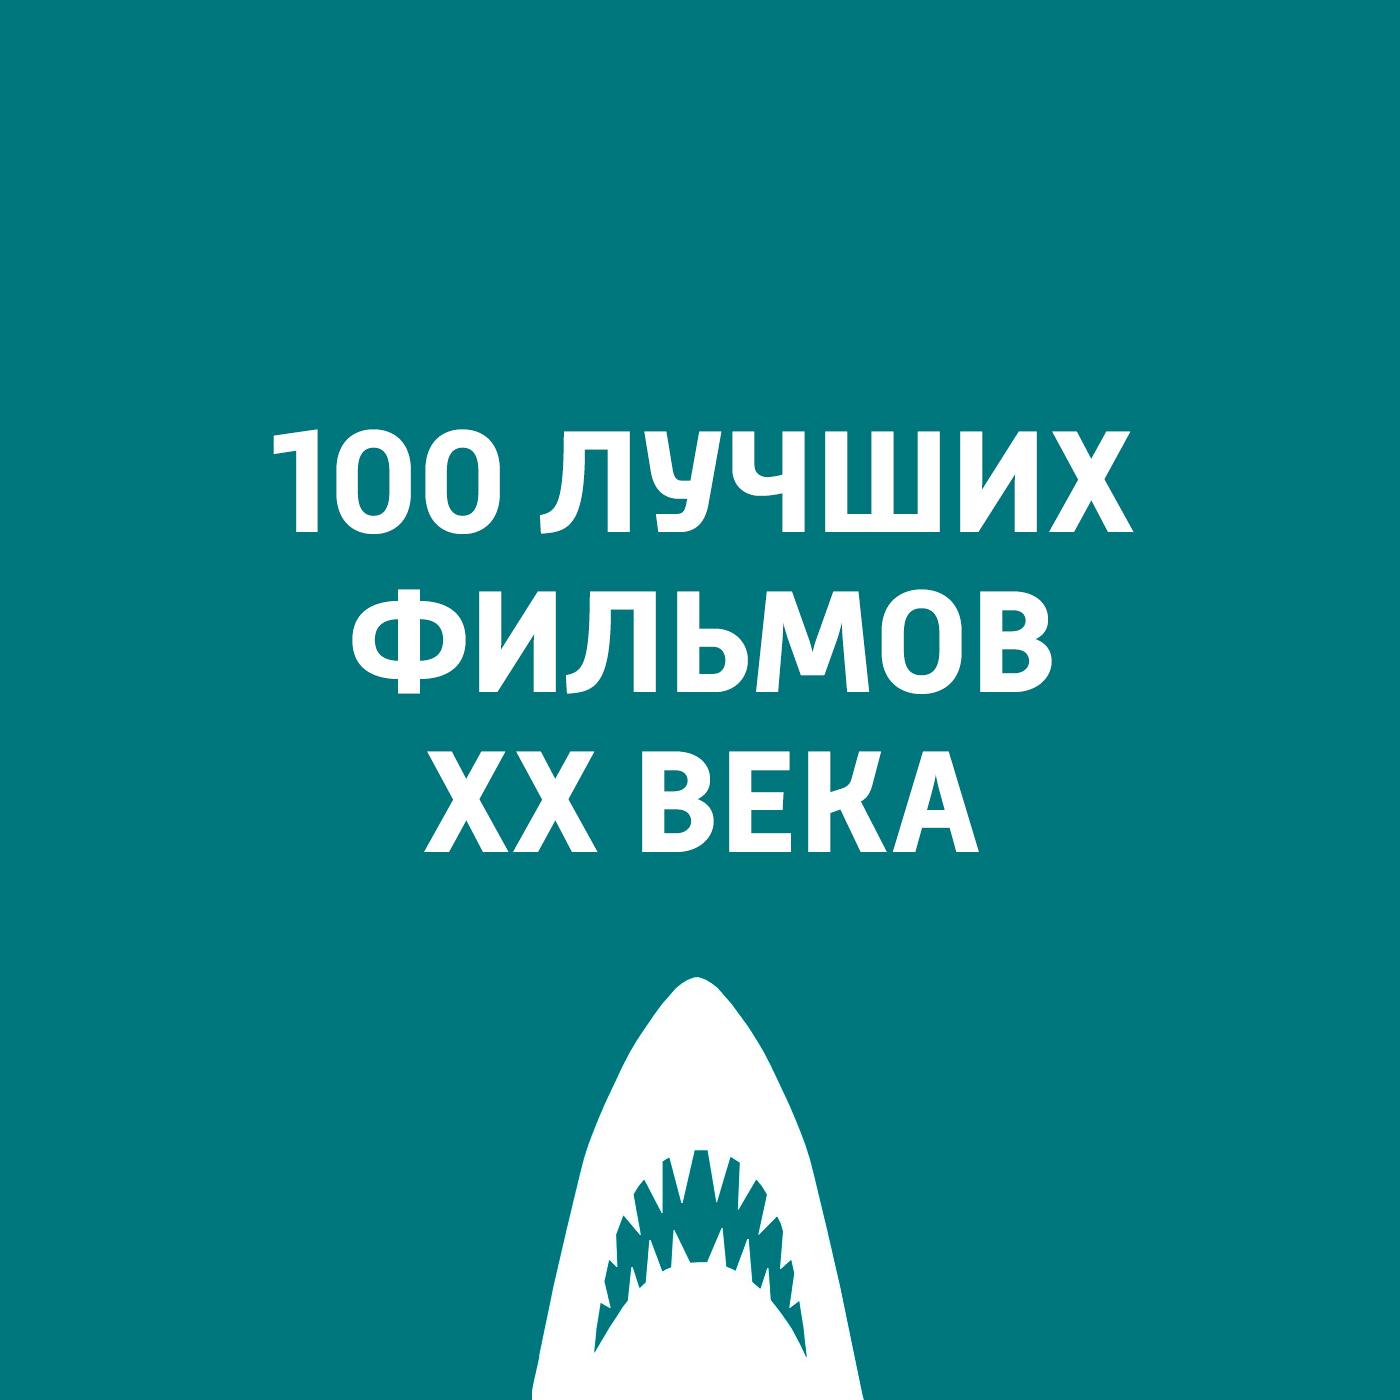 Антон Долин Женщины на грани нервного срыва